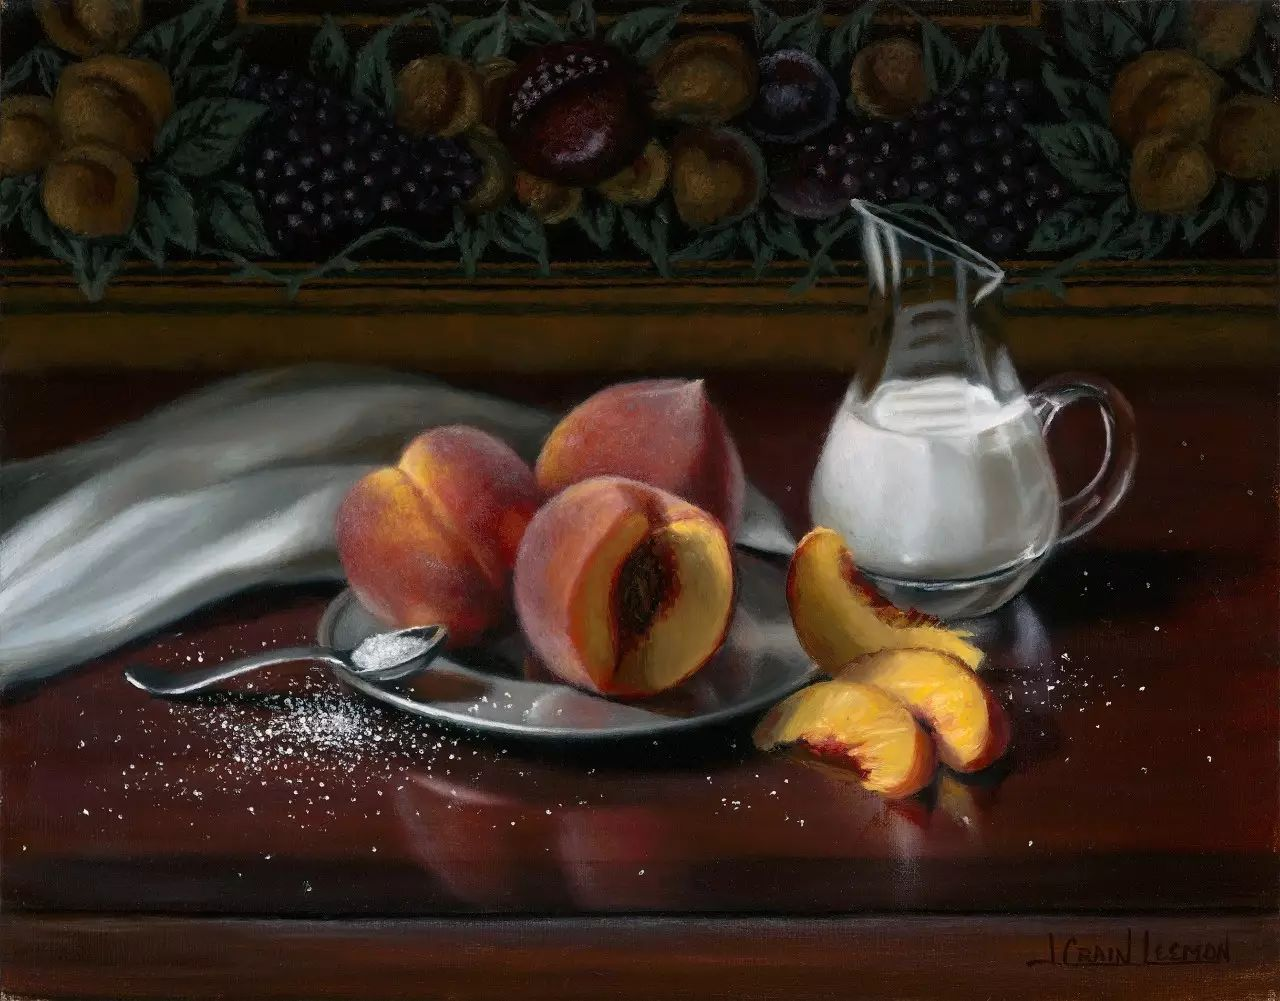 美国女画家Jeanne Leemon静物画欣赏插图59